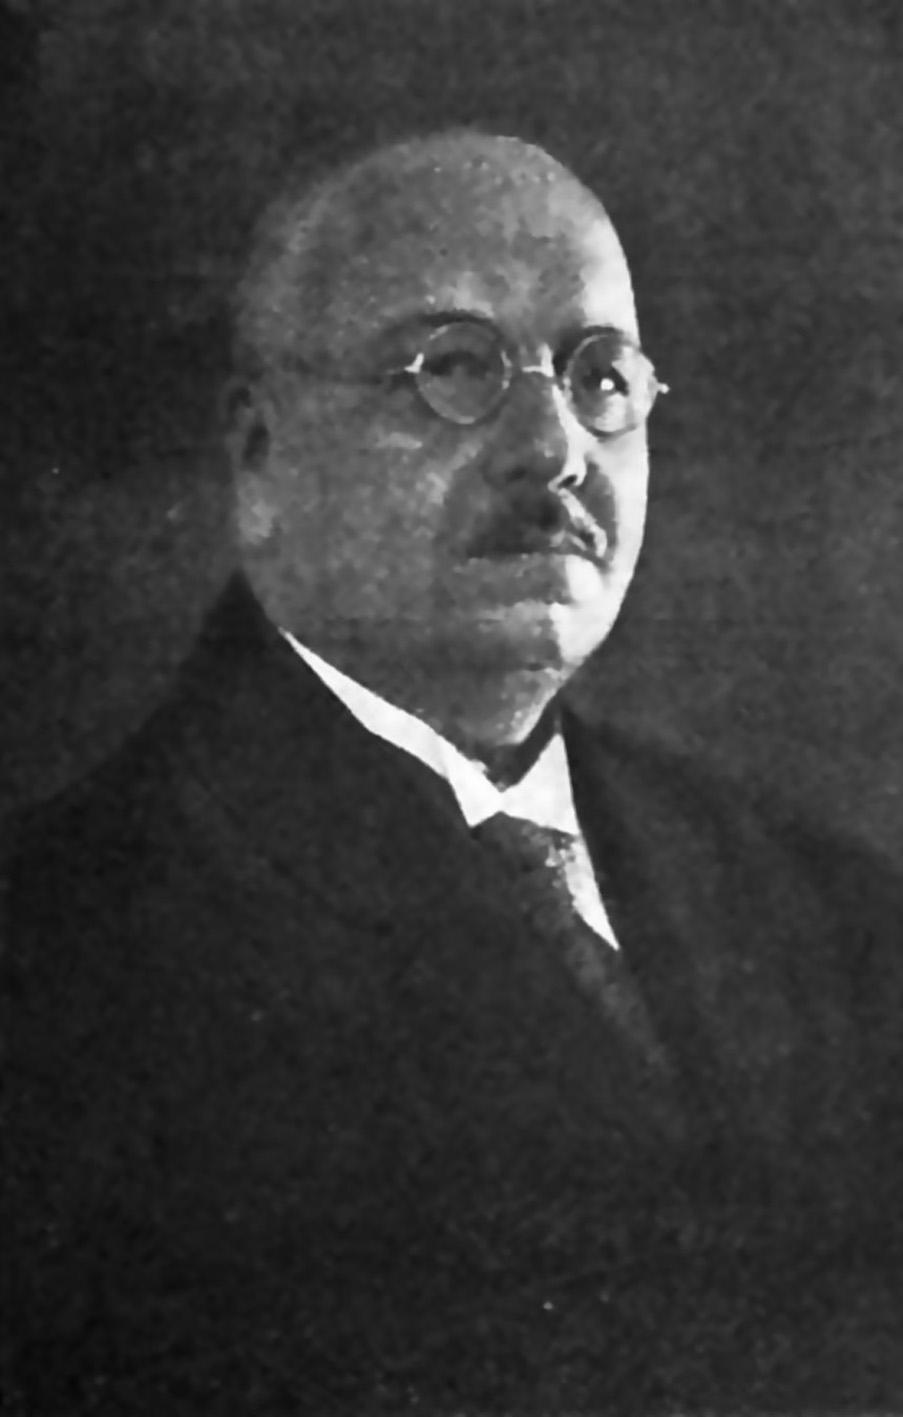 Г.В. Шор (1872‒1948), русский и советский патологоанатом-кондиционалист, танатолог, доктор медицинских наук, профессор, второй заведующий кафедрой патологической анатомии СПбГМУ